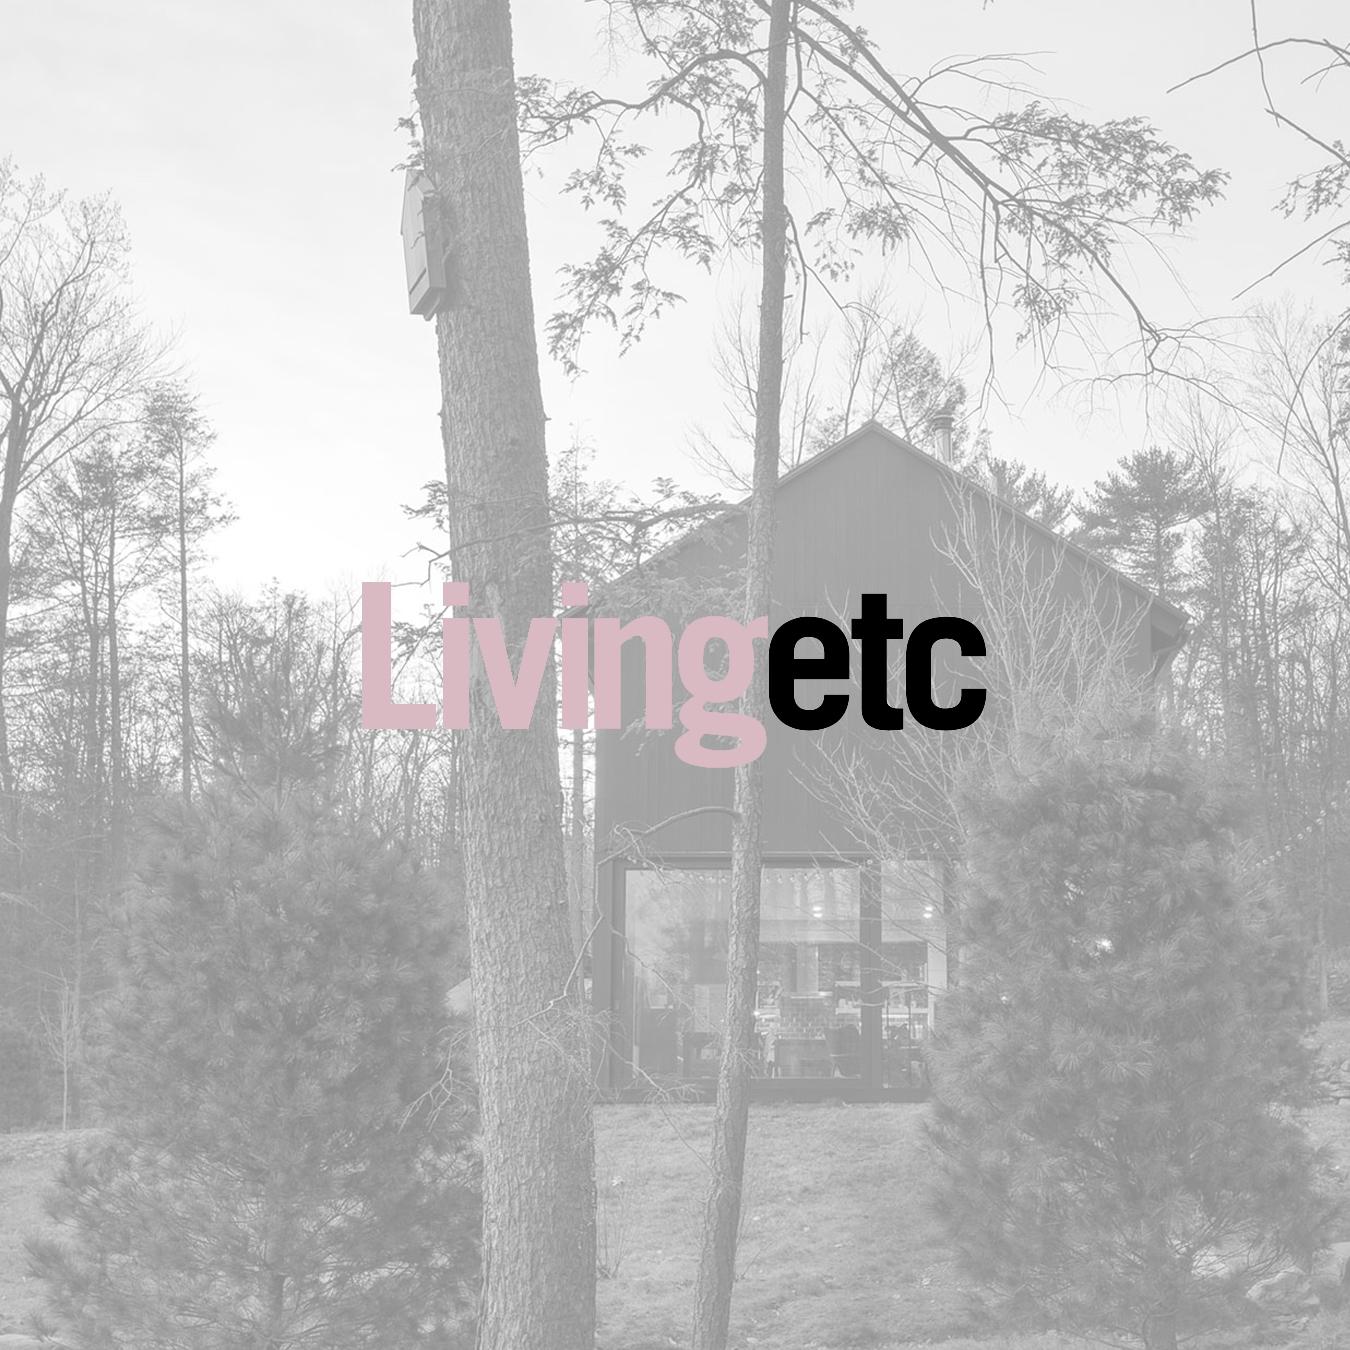 Living Etc Hudson Woods.jpg